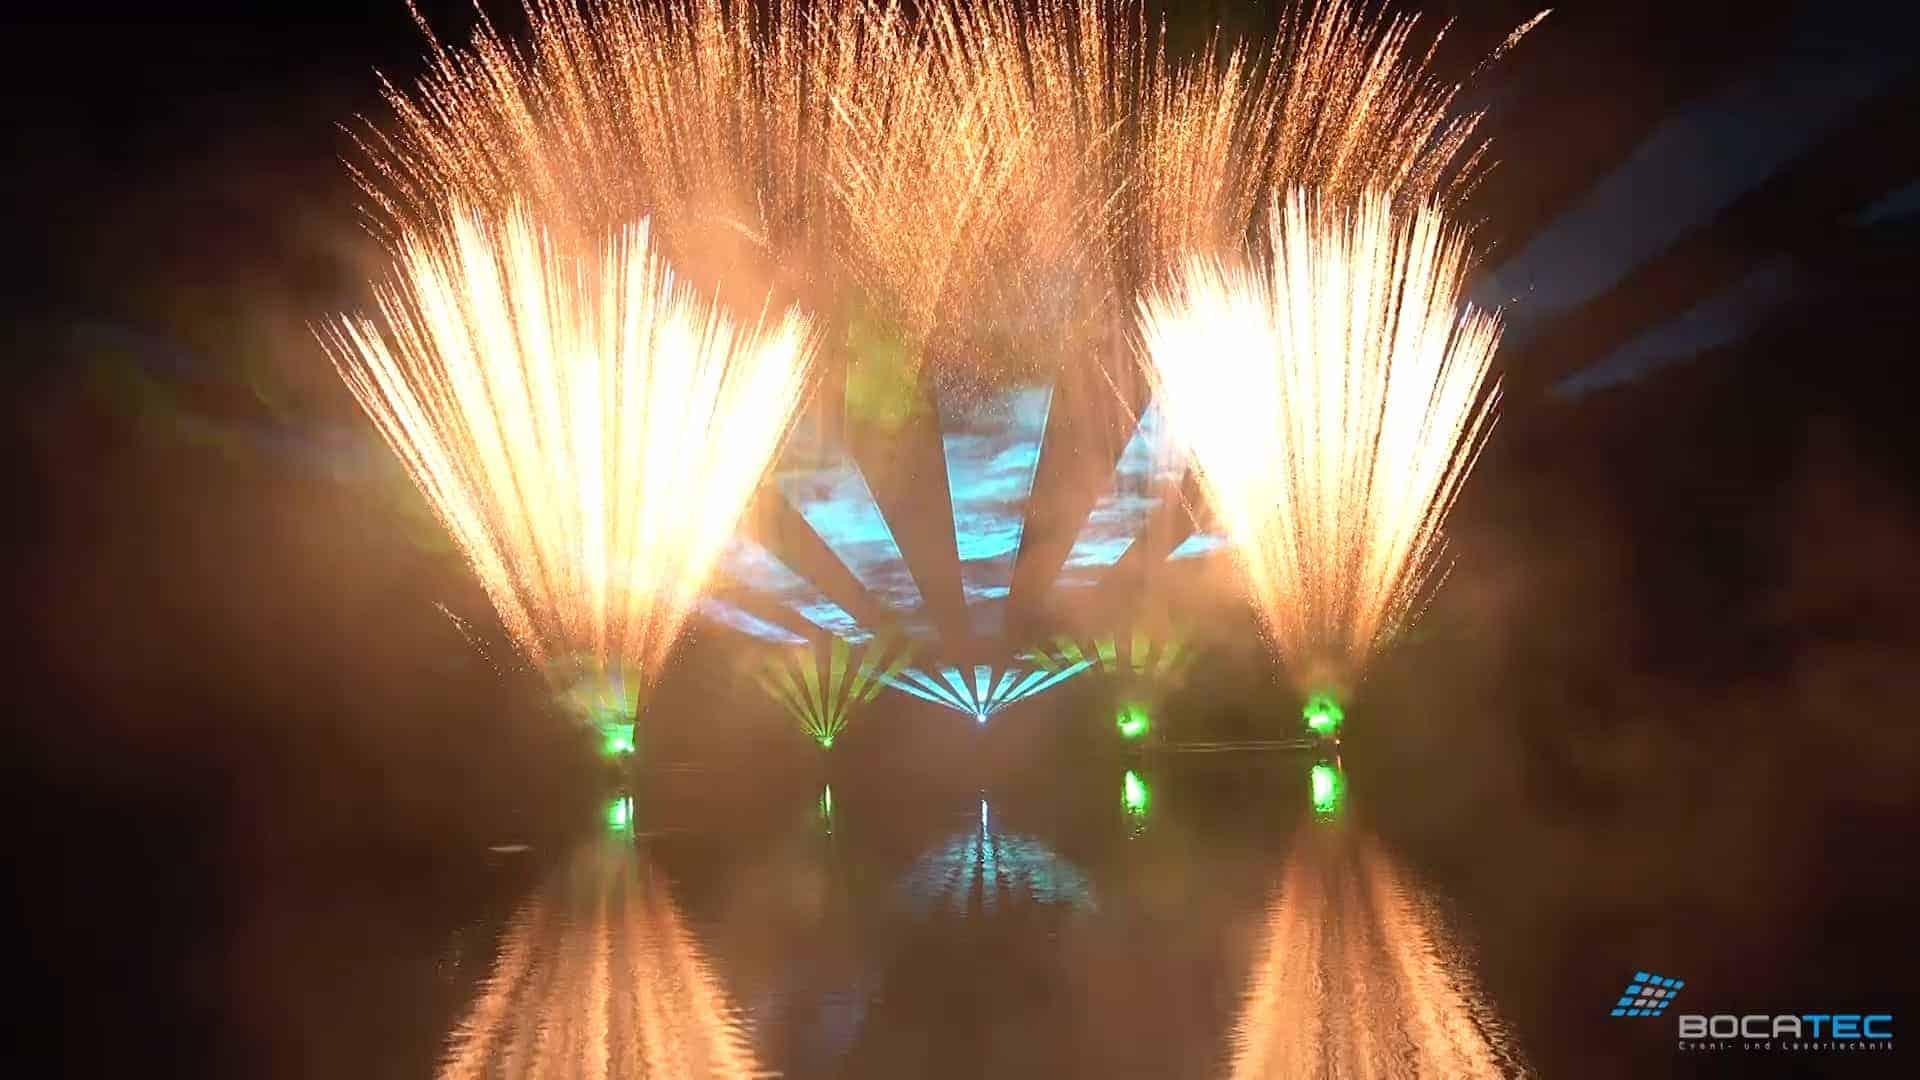 Feuerwerkshow über dem Wasser